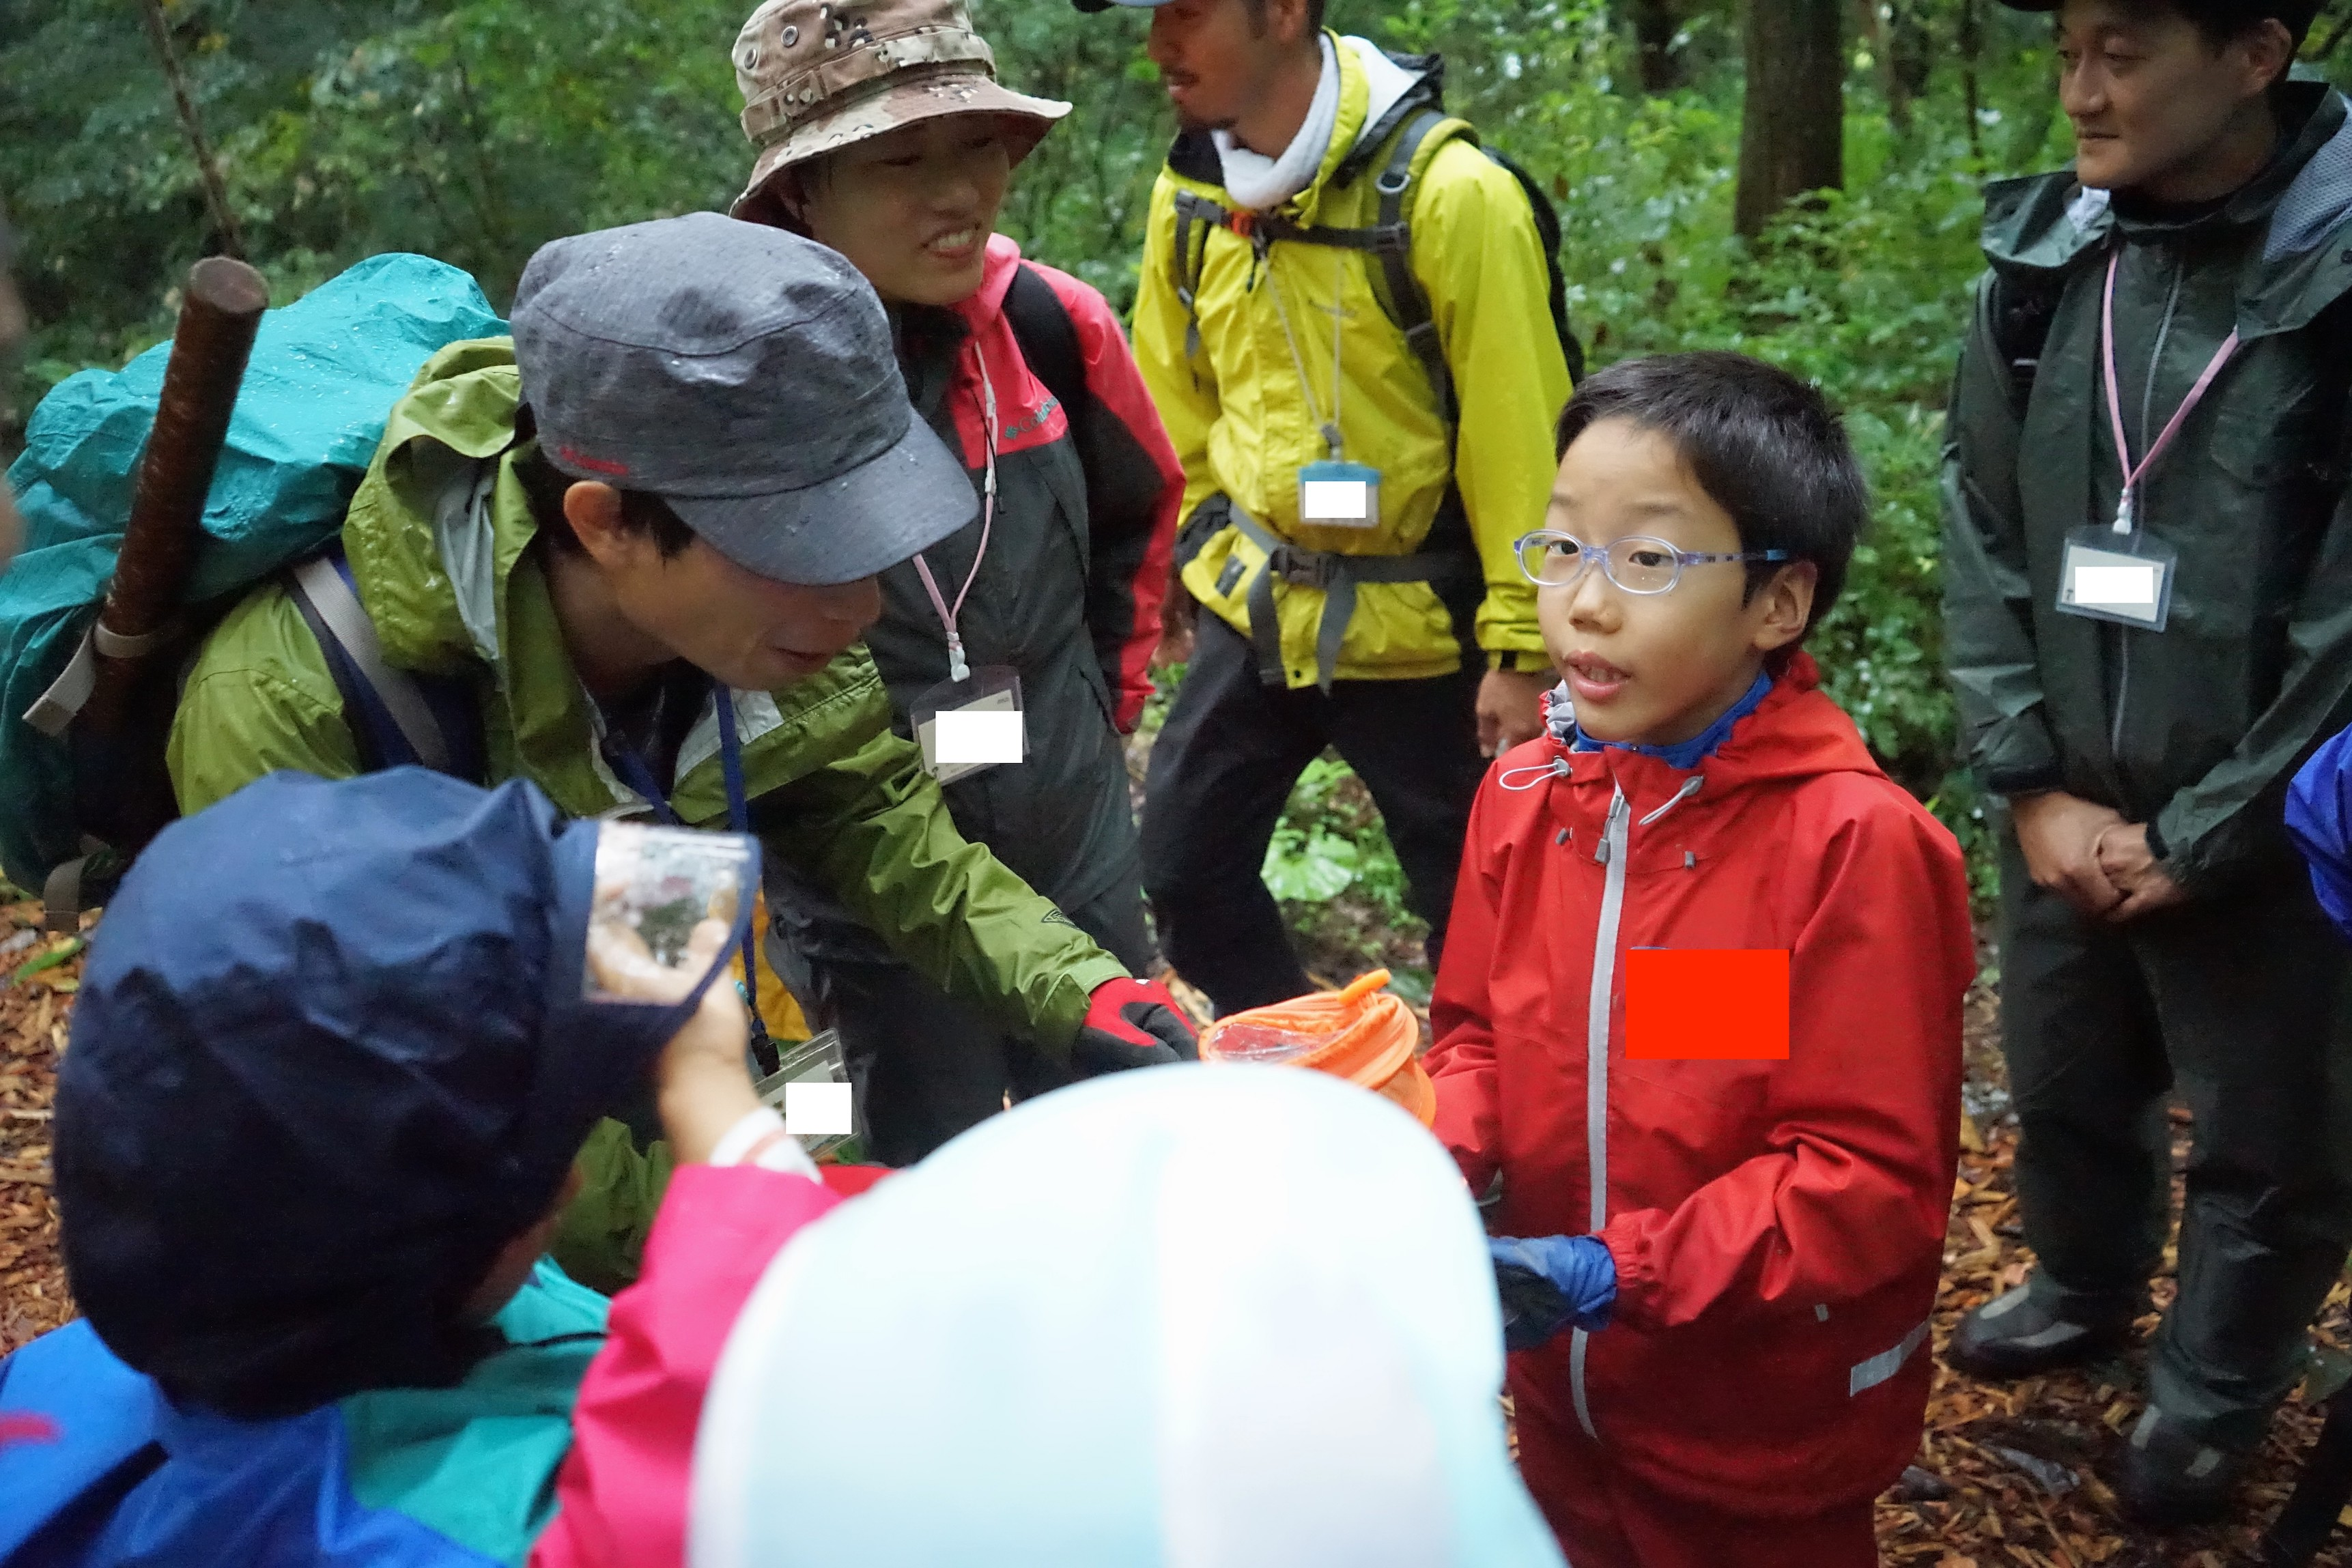 ありのままの子どもを受け入れる自然・アファンの森